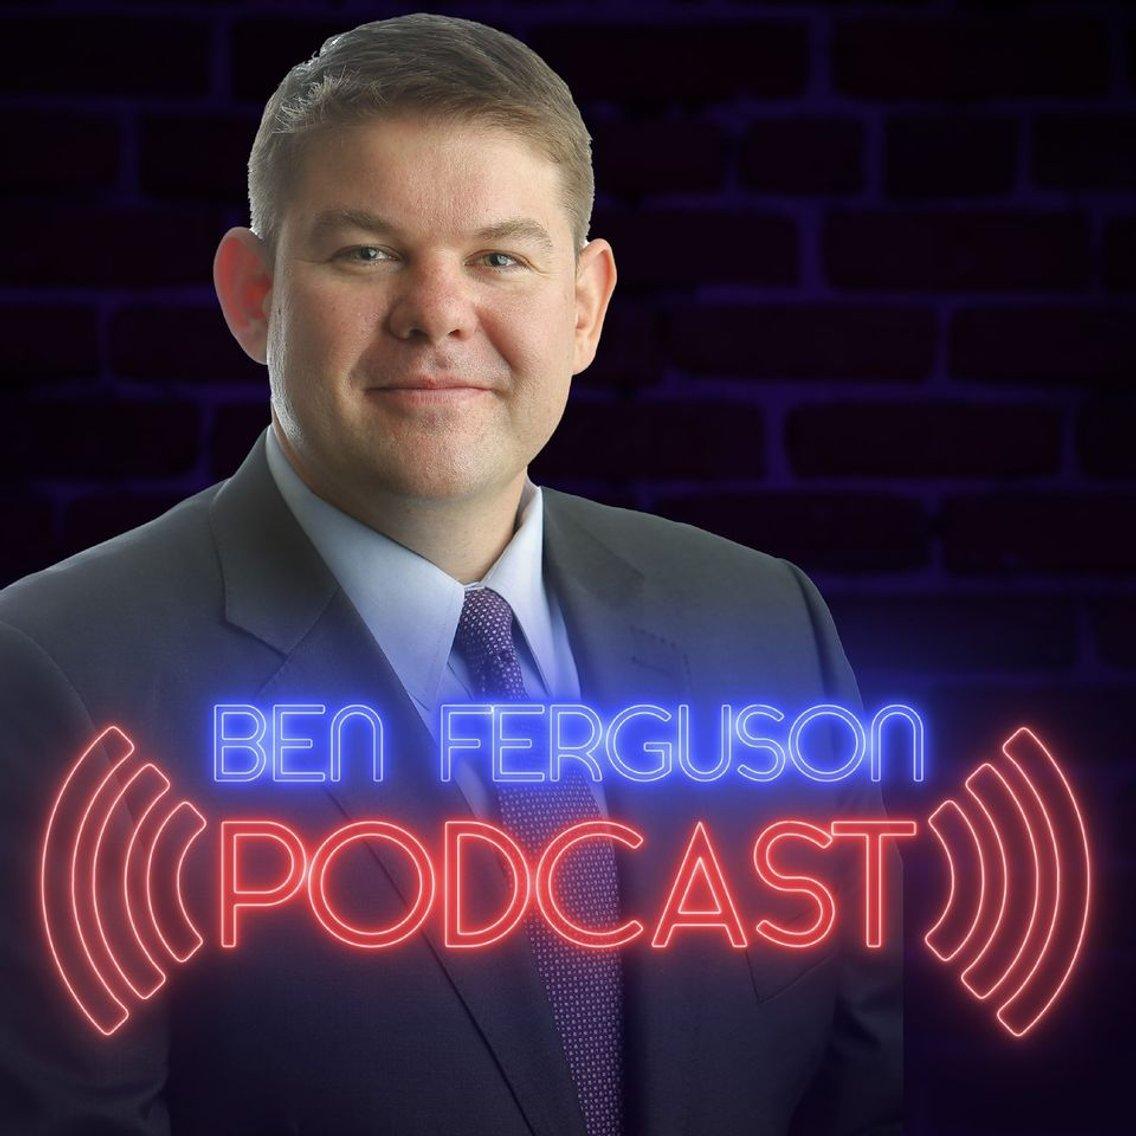 Ben Ferguson Podcast - Cover Image